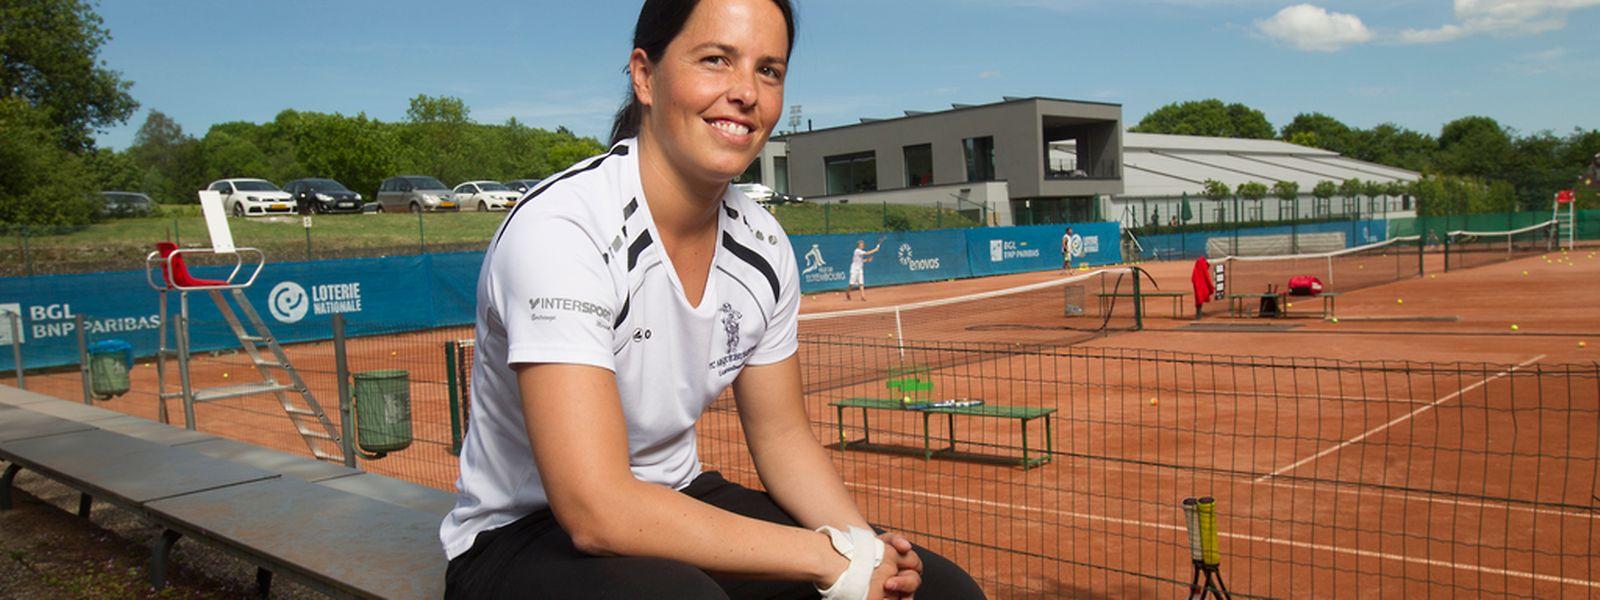 Claudine Schaul wird die Luxemburger Fed-Cup-Mannschaft anführen.